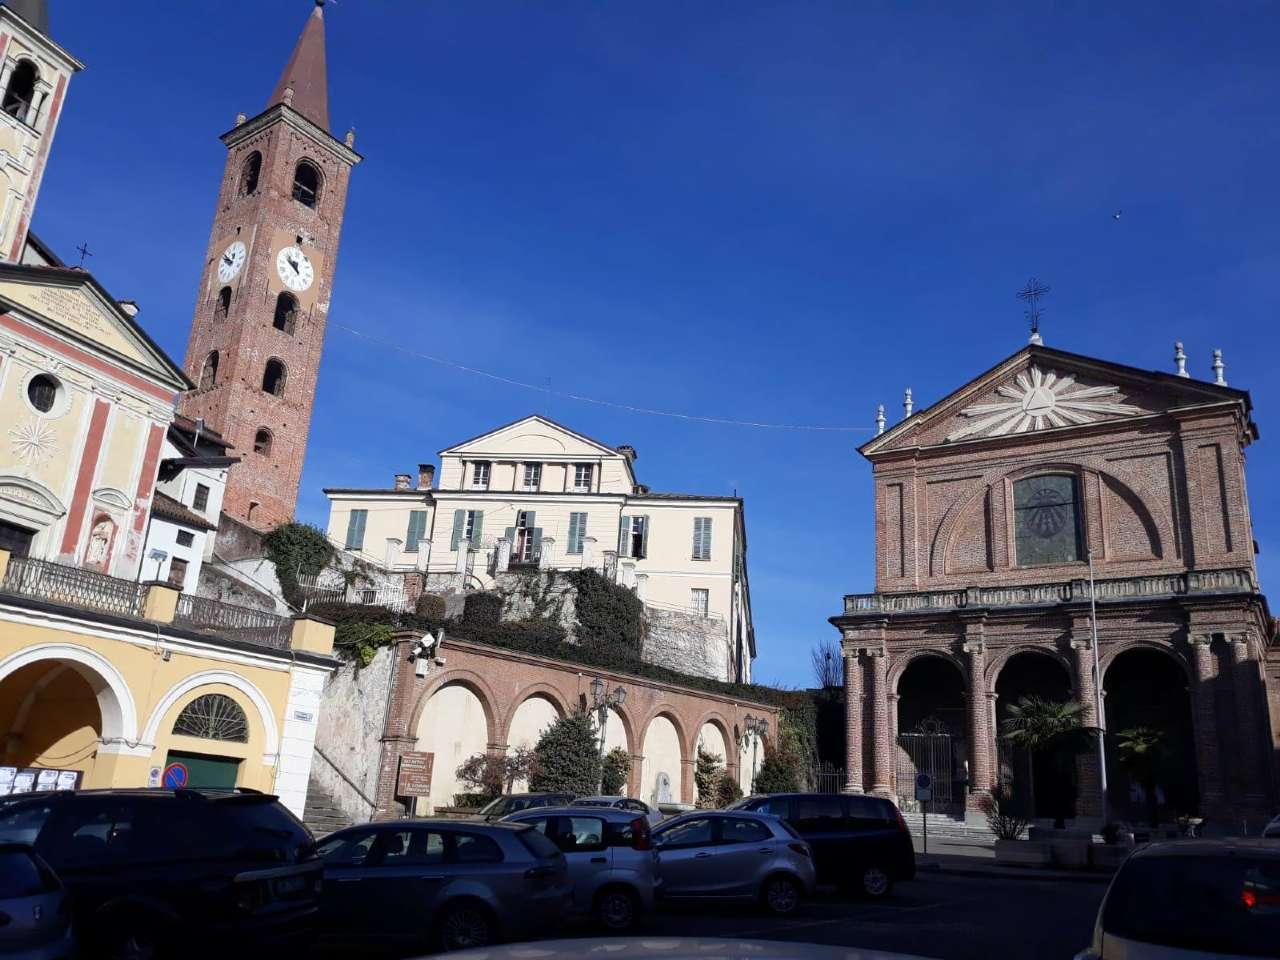 Palazzo / Stabile in vendita a Trinità, 3 locali, prezzo € 65.000   PortaleAgenzieImmobiliari.it